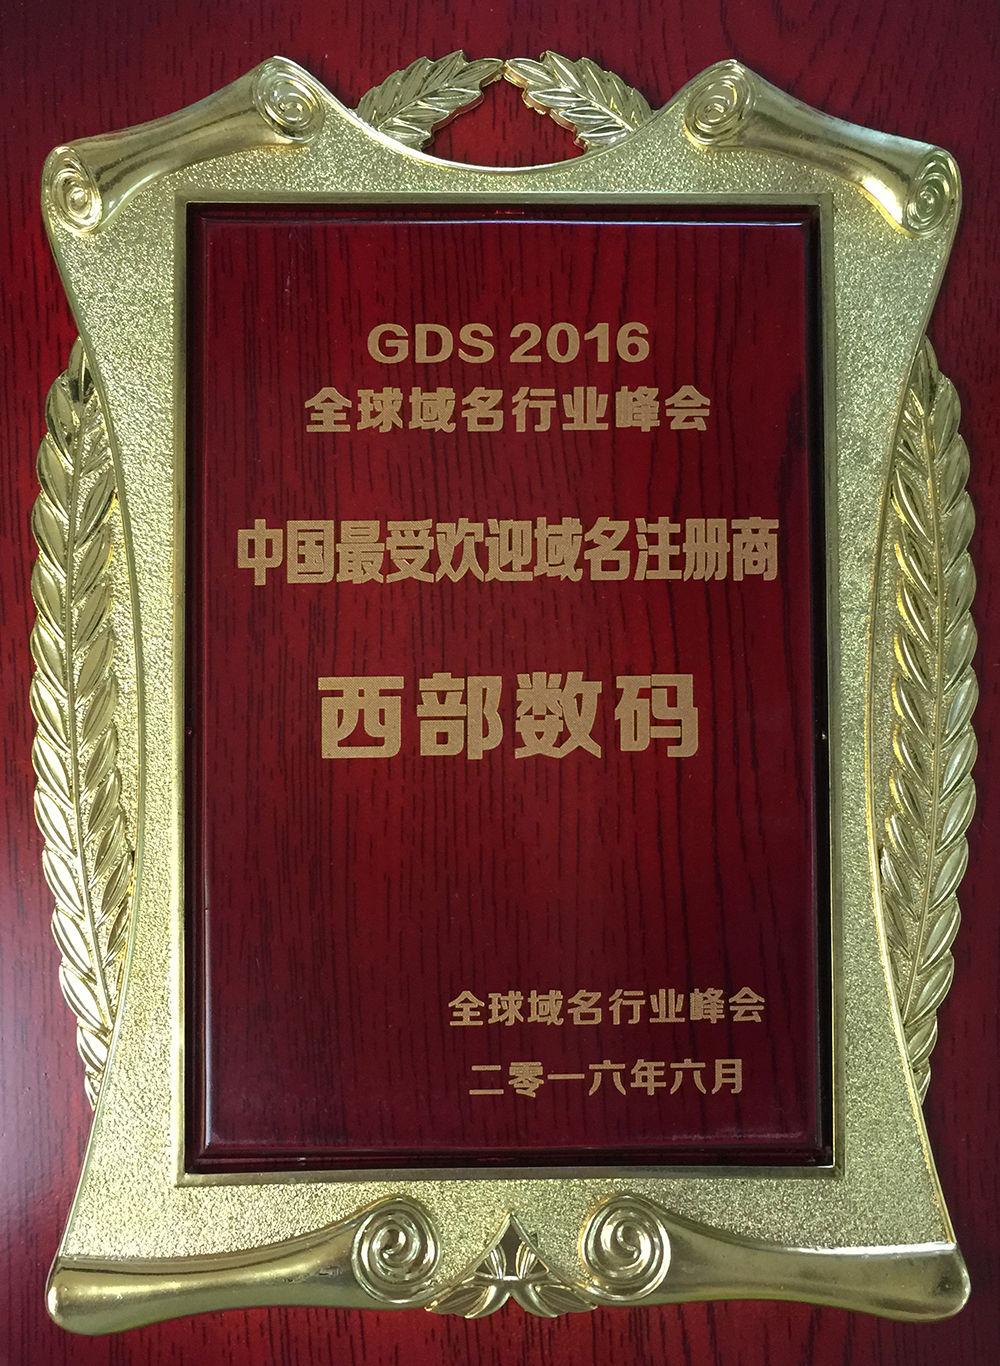 全球域名行业峰会 中国最受欢迎w88优德商